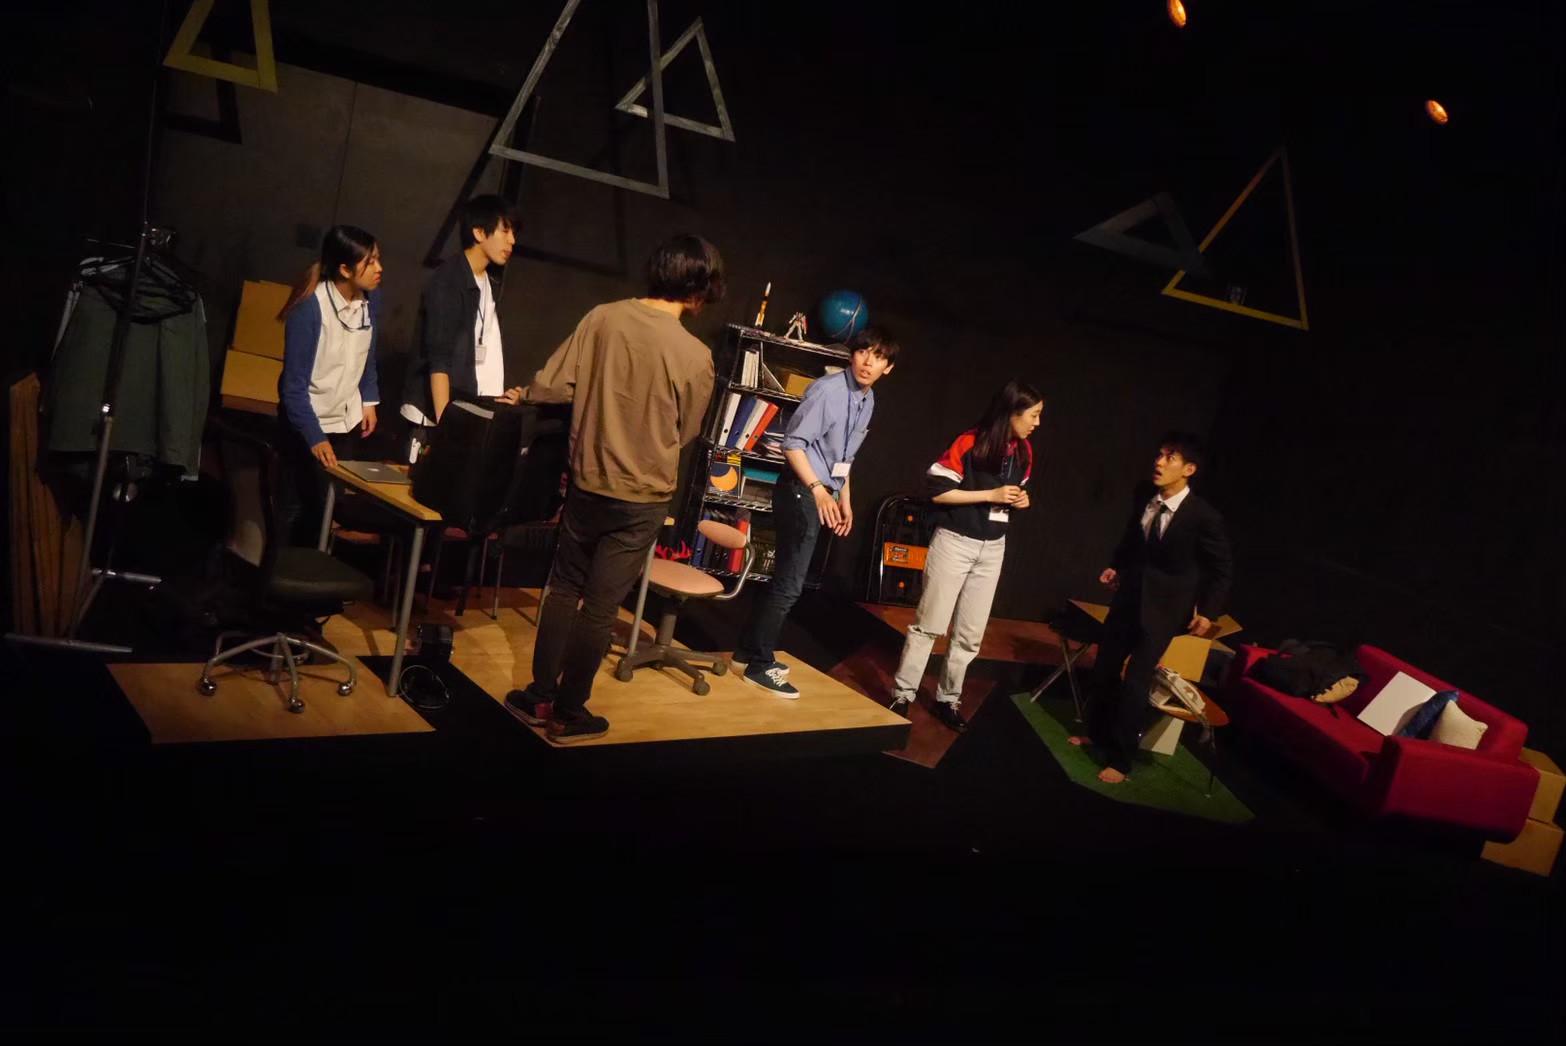 劇団スポーツ『すごくうるさい山』舞台写真(撮影=本田百音)_0132